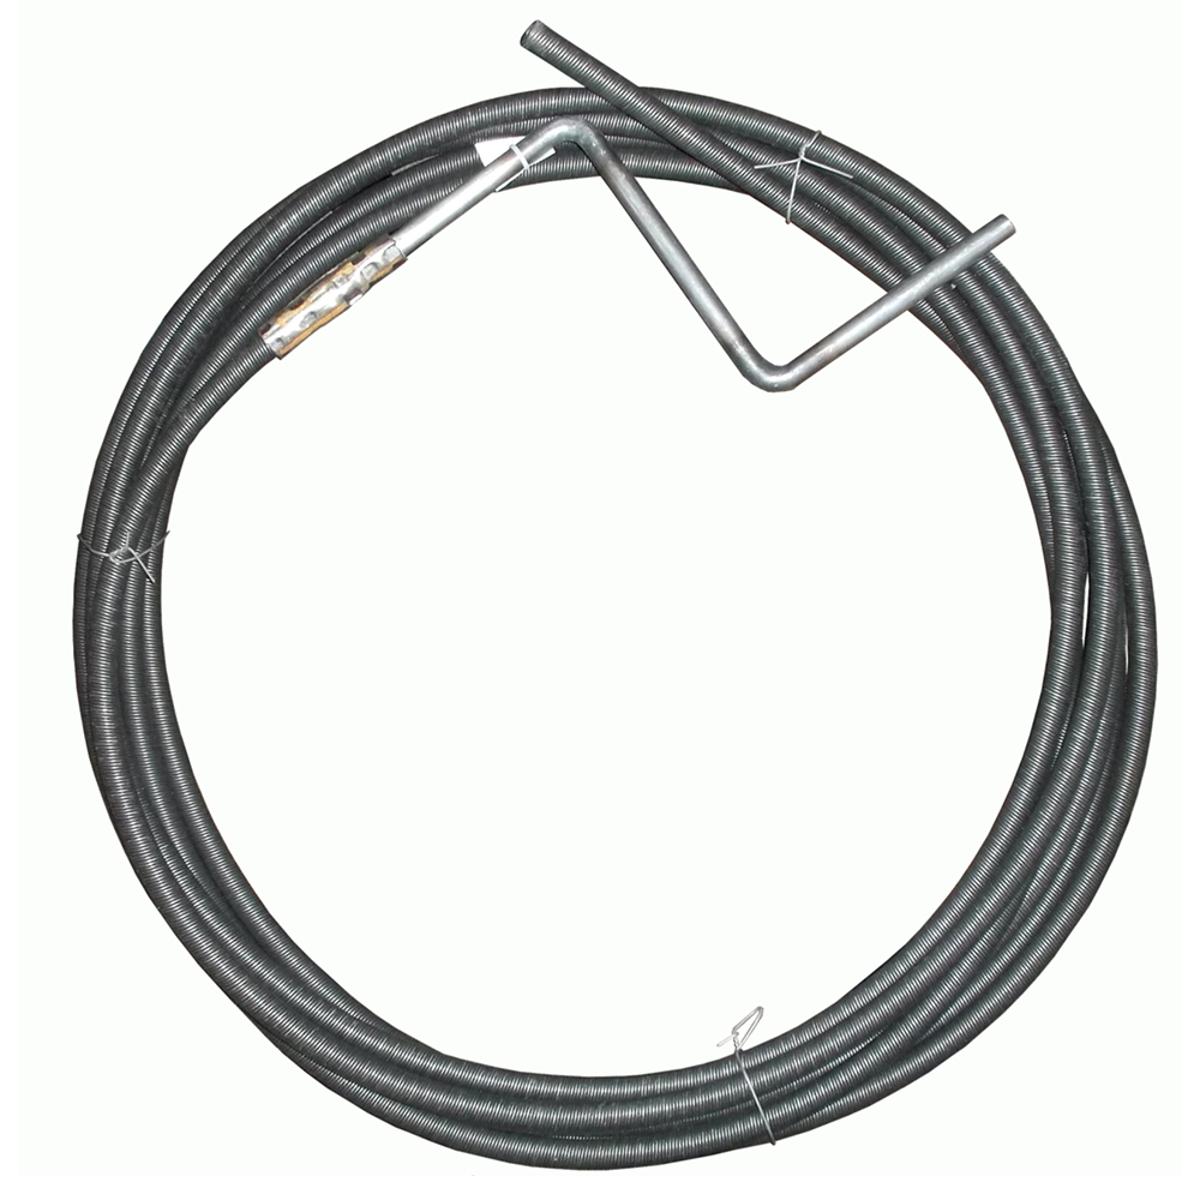 Трос для прочистки канализационных труб Masterprof, пружинный, 5,5 мм х 3 мGC240/25Пружинный трос Masterprof предназначен для прочистки канализационных труб.Диаметр: 5,5 мм.Длина 3 метра.